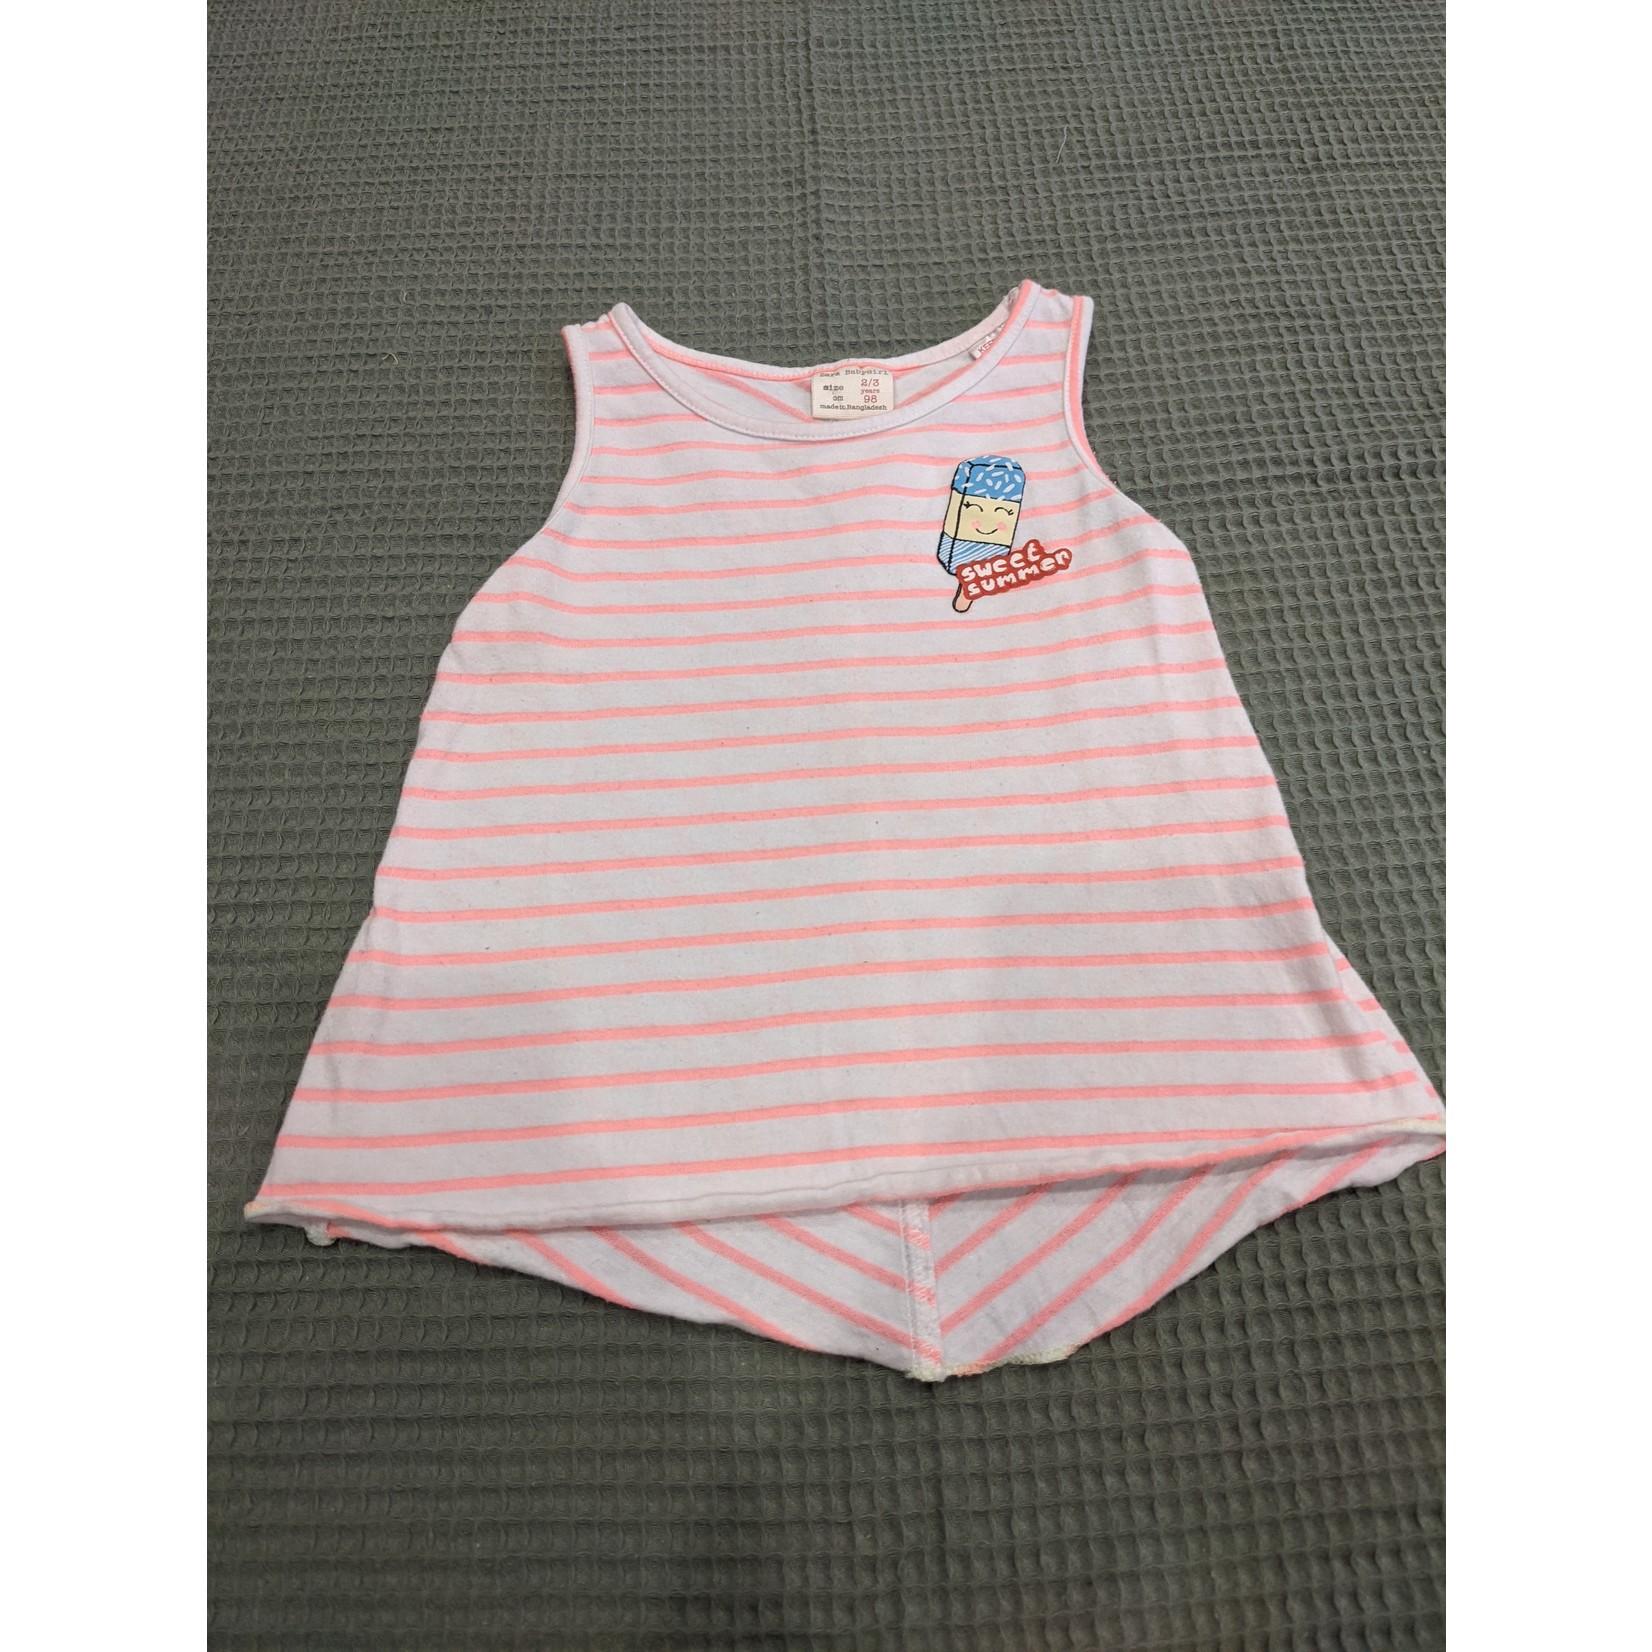 #54 Camisole Zara ligné rose